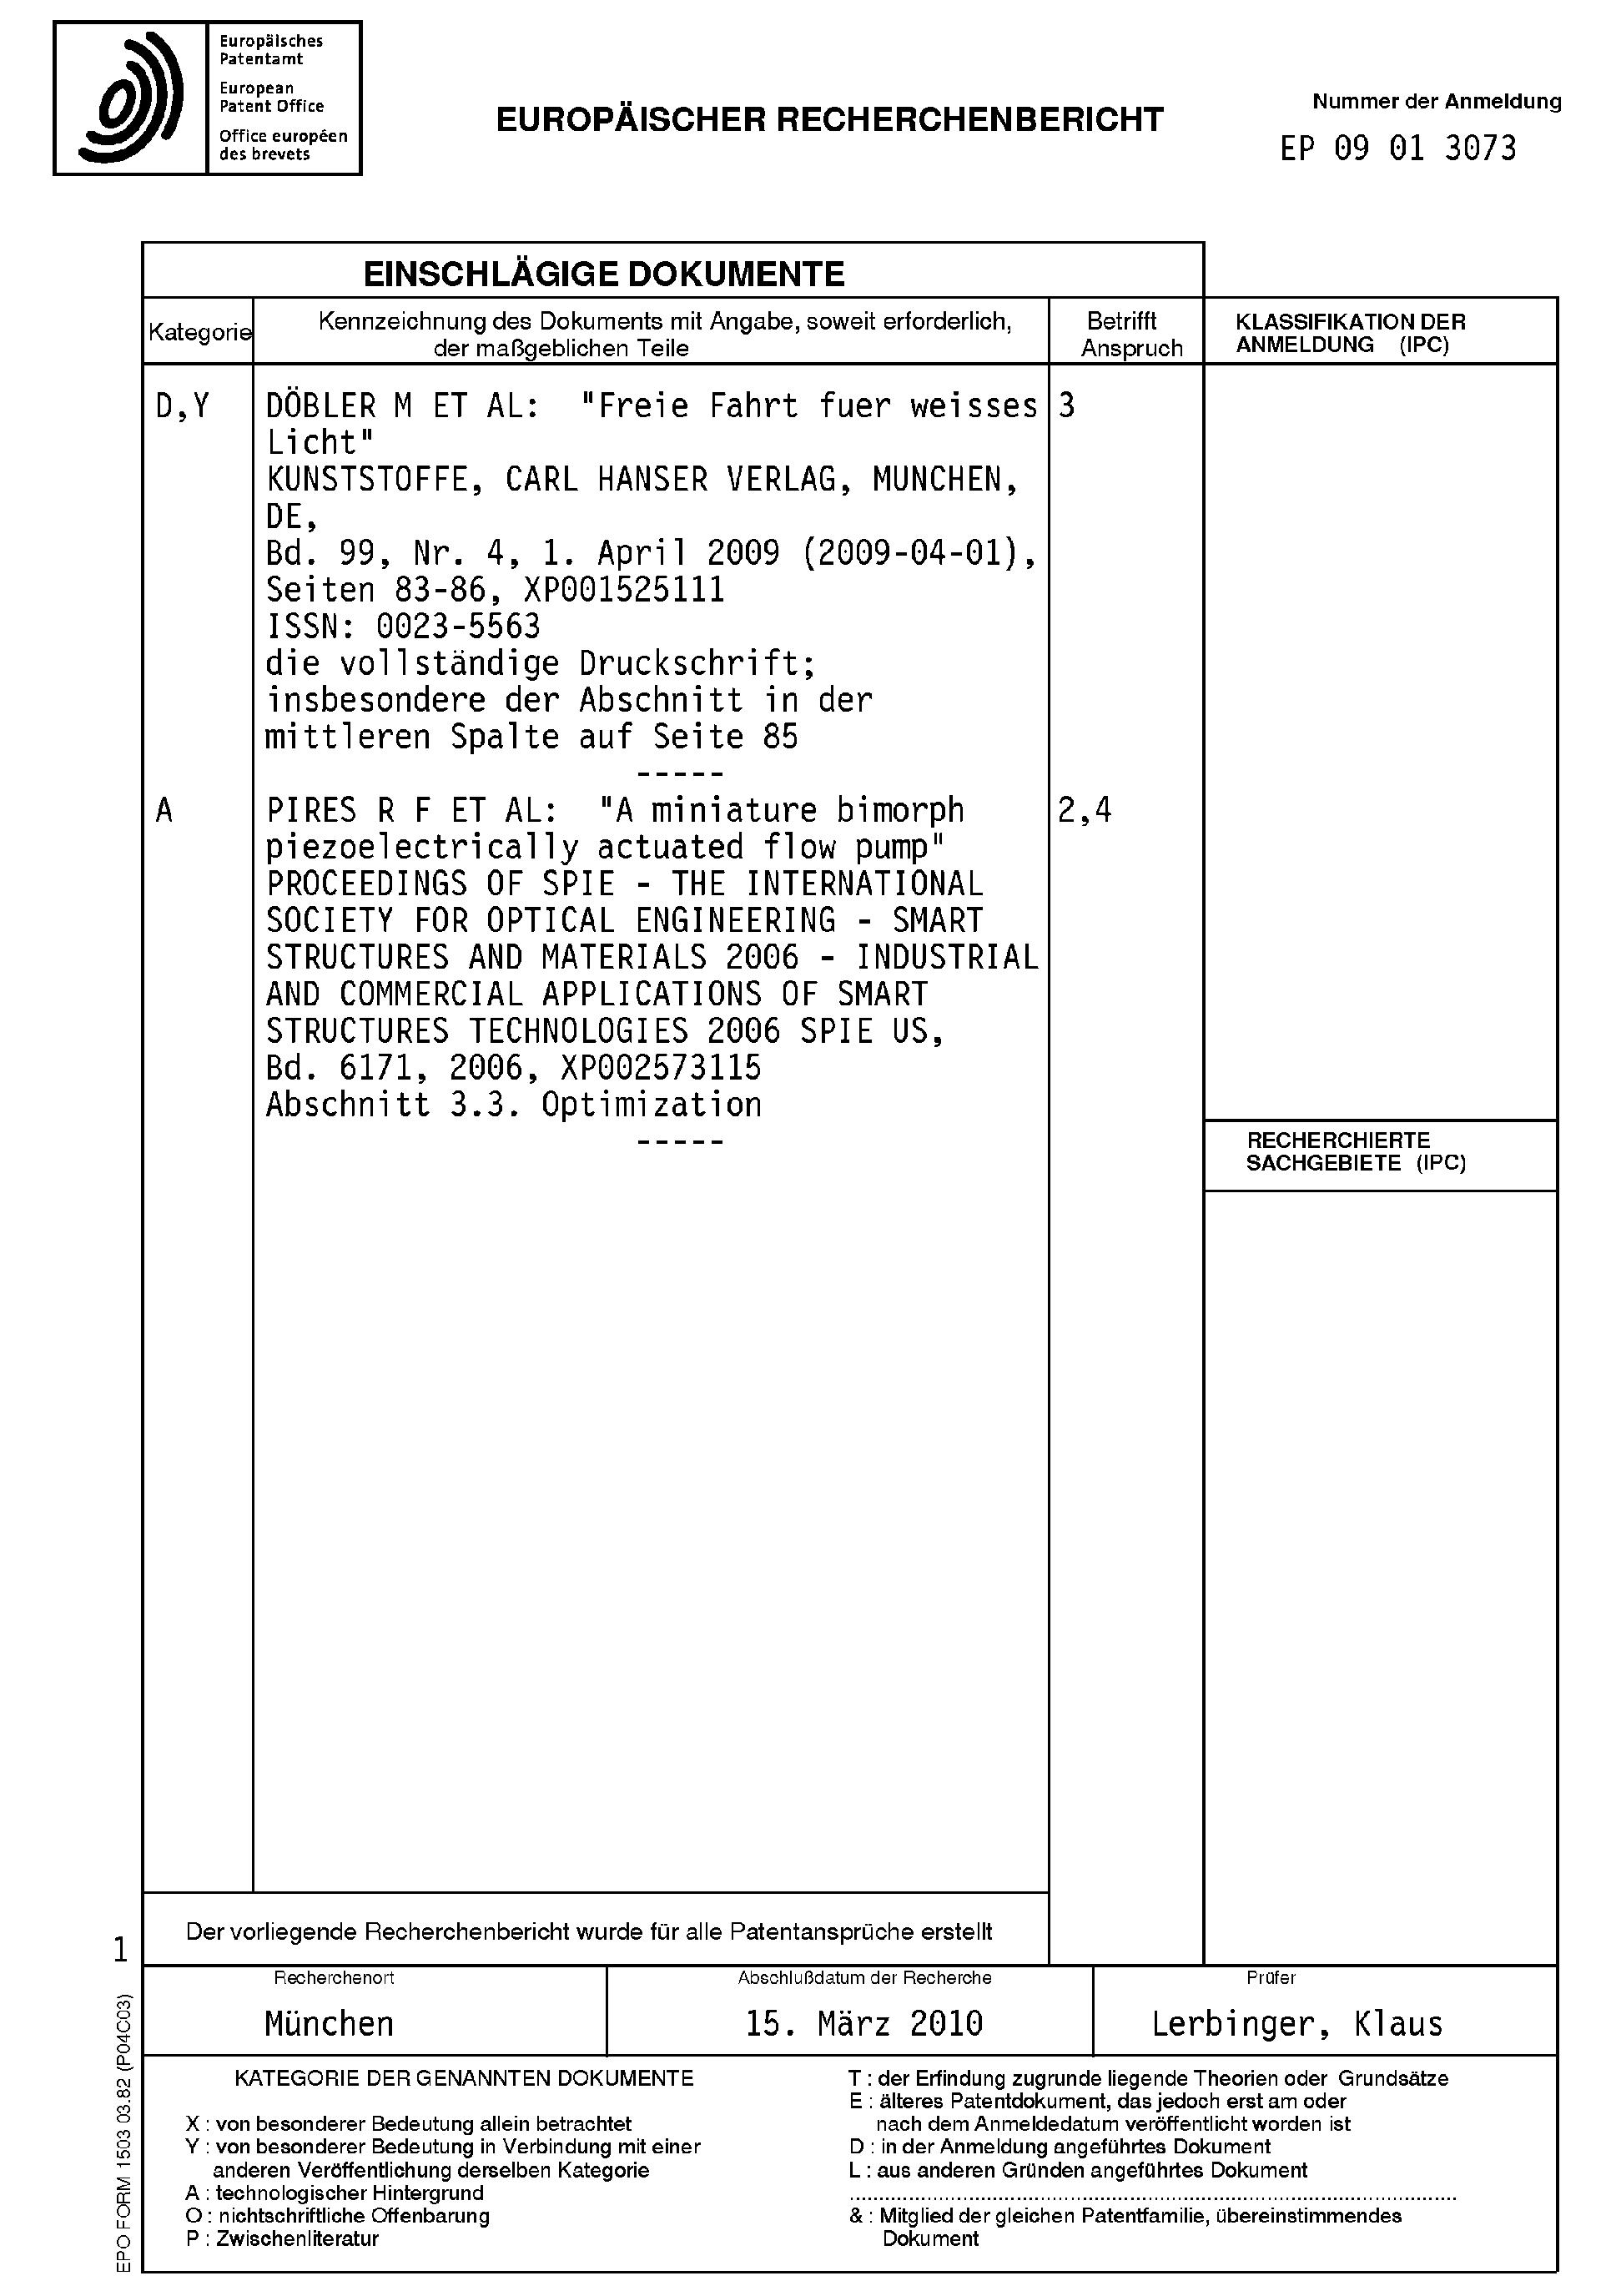 Fantastisch Am Häufigsten Verwendetes Dateiformat Galerie - Beispiel ...